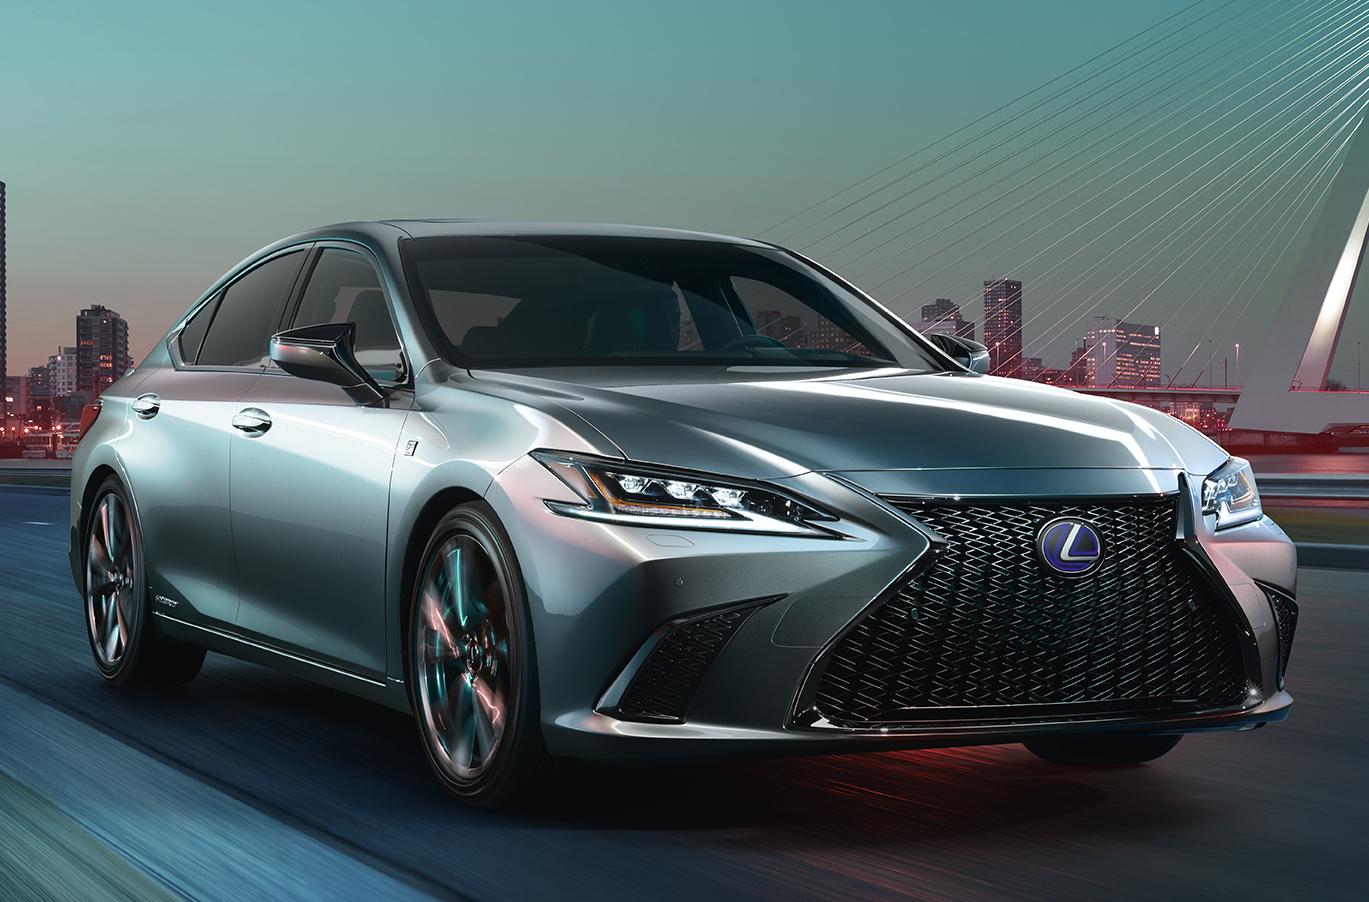 レクサスES。今年4月の北京モーターショーで外観デザインを公表。今秋日本発売も発表された